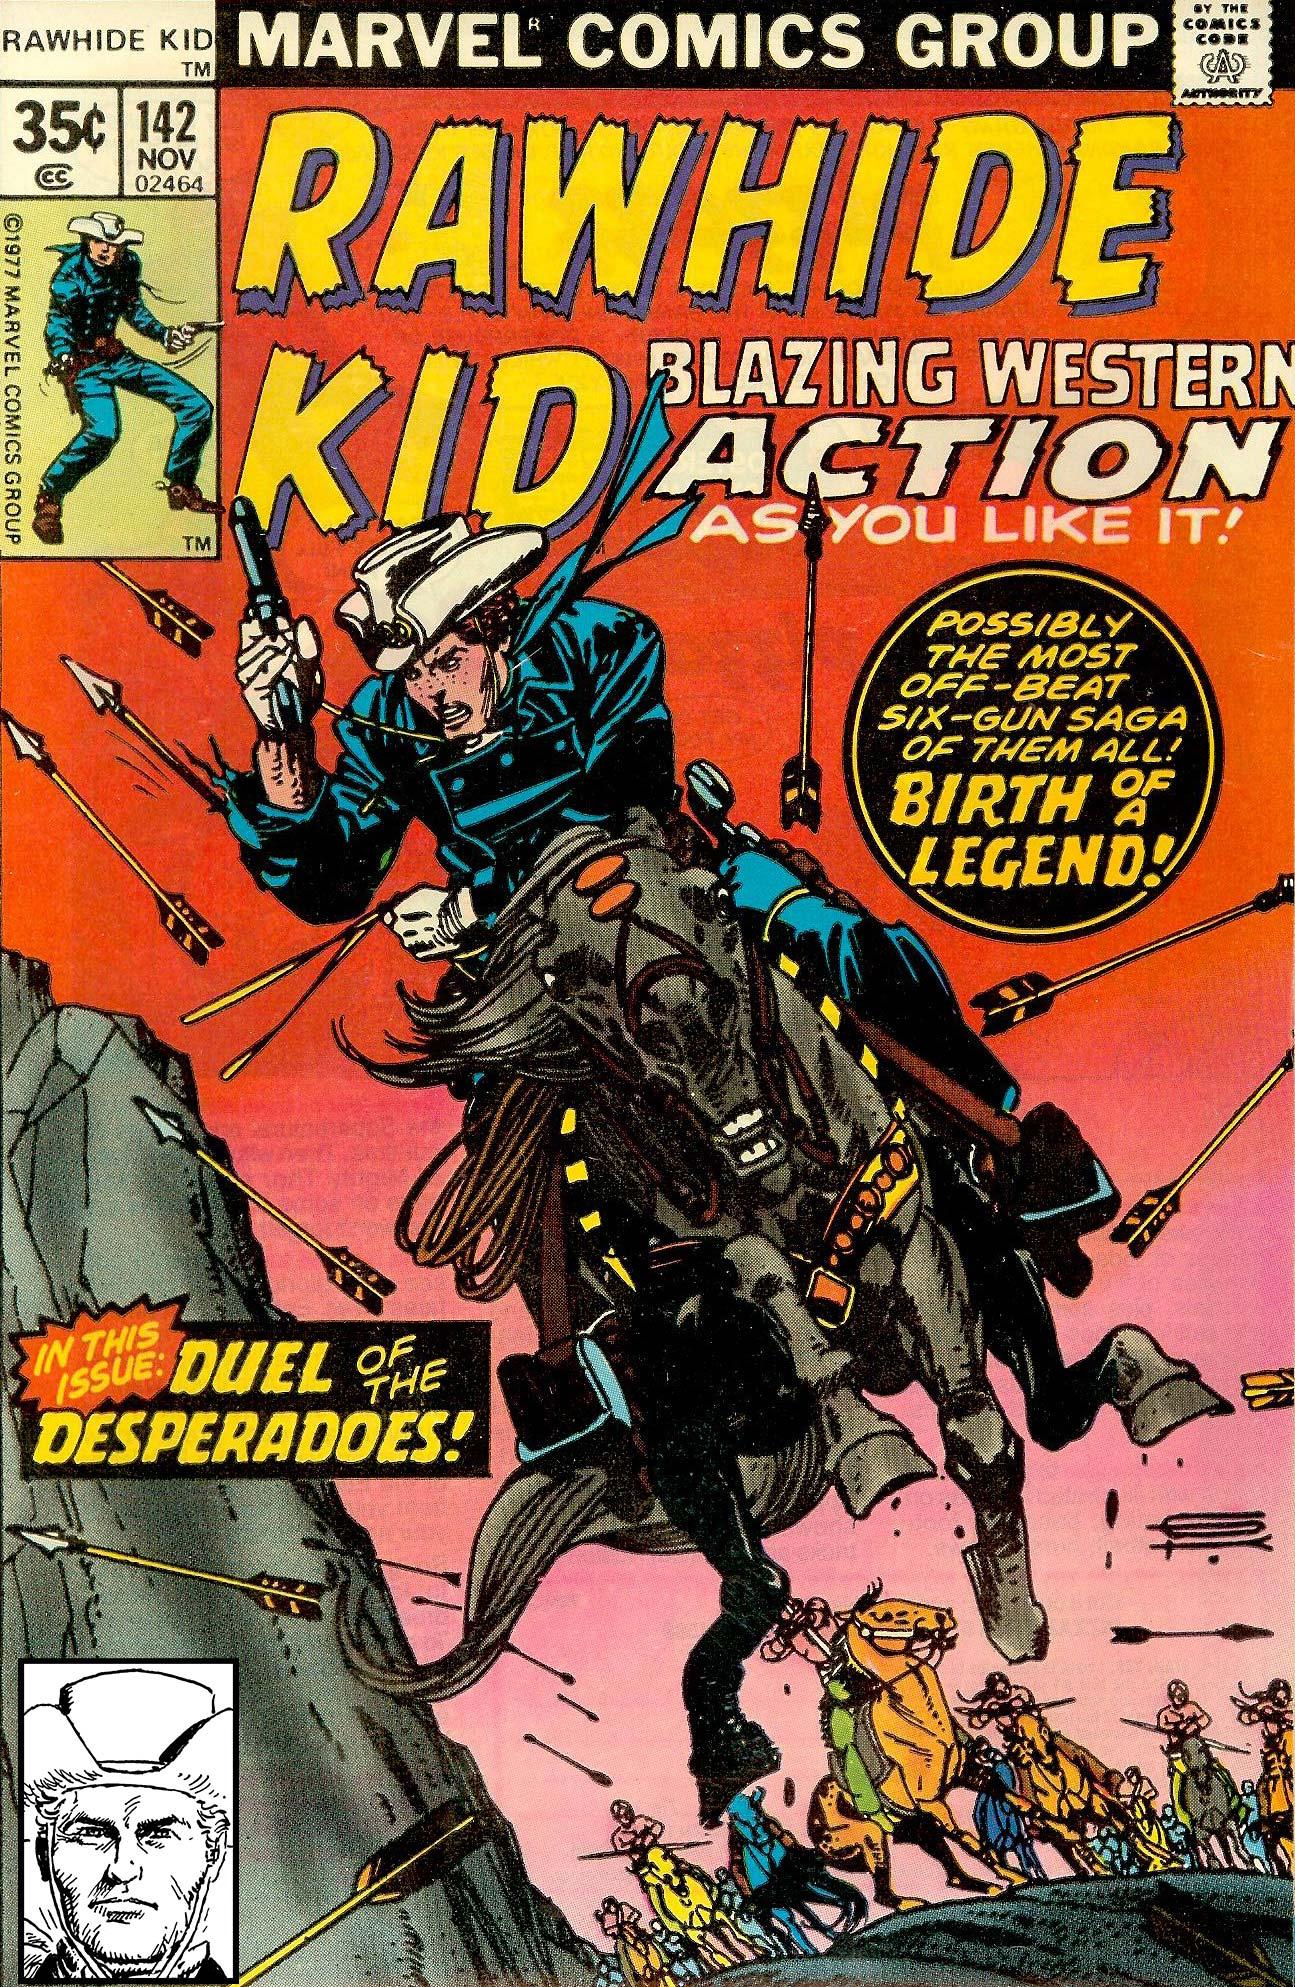 Rawhide Kid (1955) #142